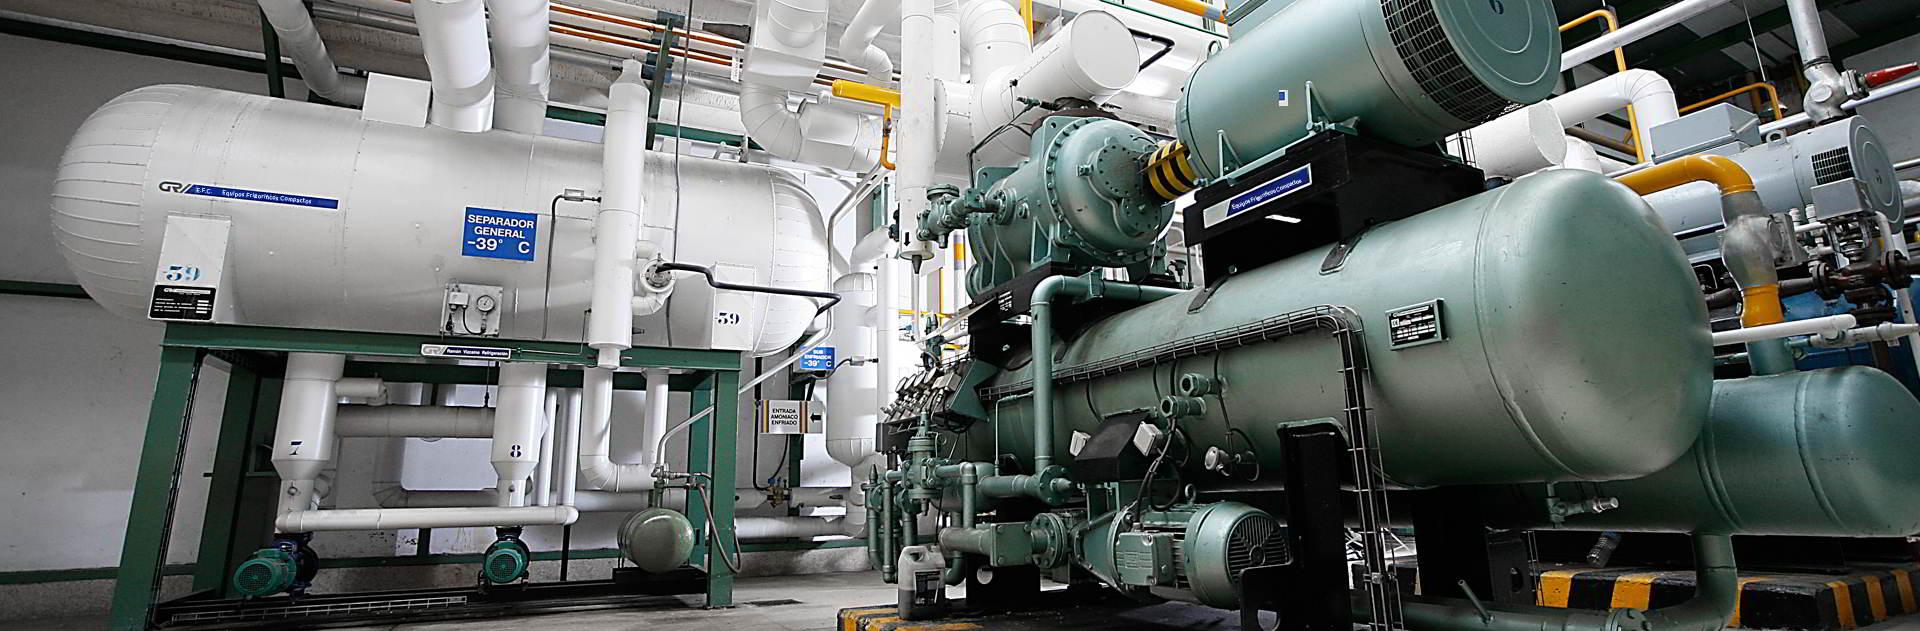 Refrigeración industrial con amoniaco